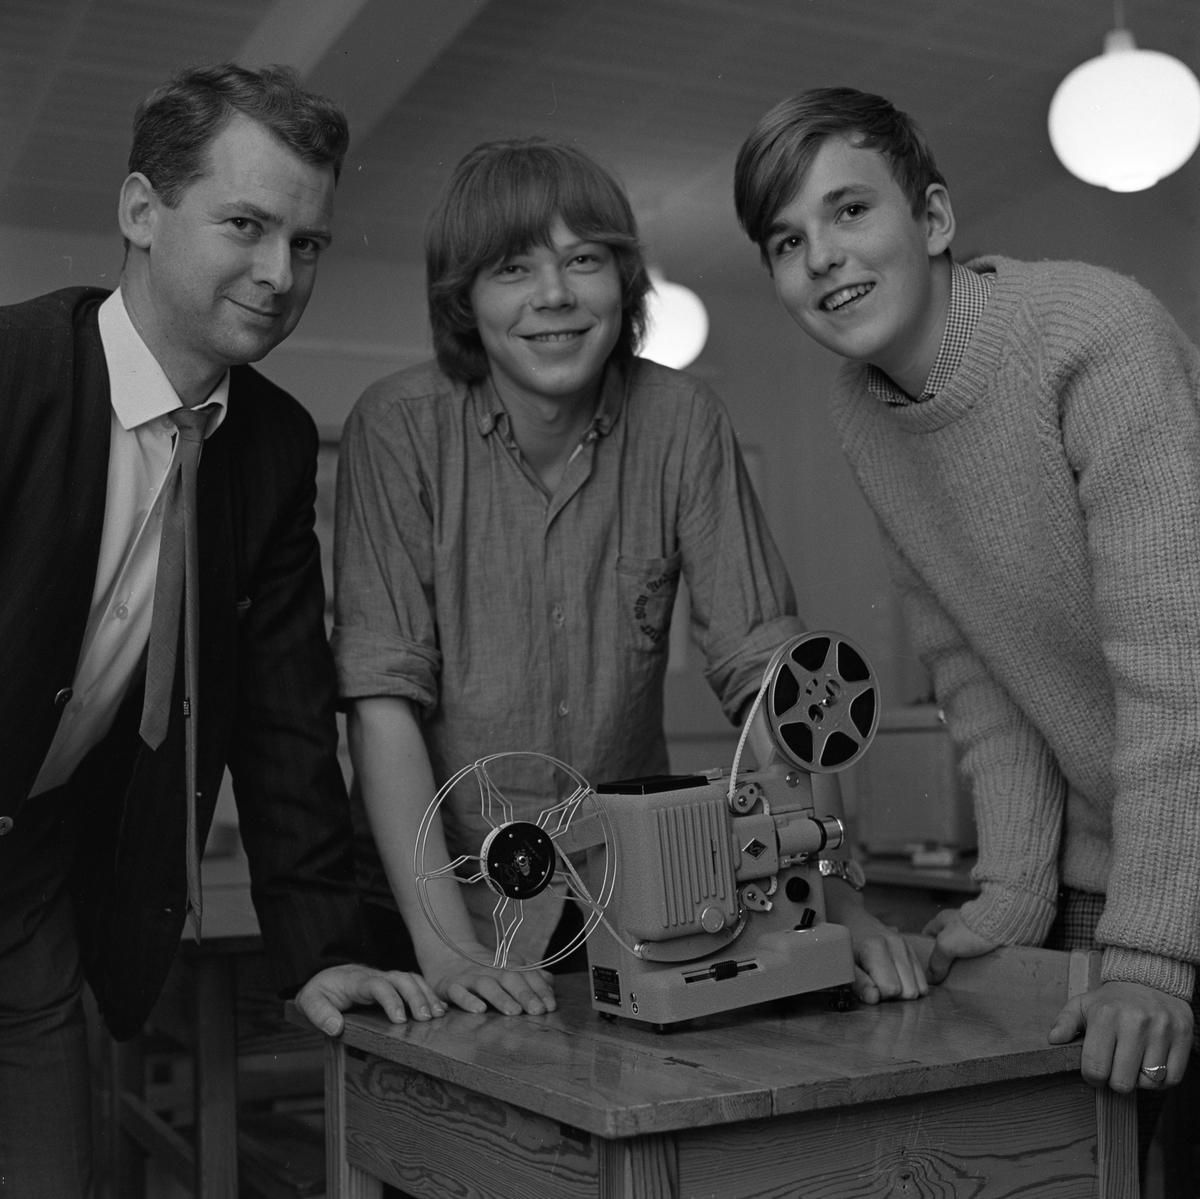 Filmgrupp på Stureskolan. Läraren heter Leif Ullström och eleverna är Kenneth Jansson och Claes Wadsten.  (Kenneth spelar i bandet Don Pedro). De står intill en filmprojektor som står på en skolbänk.